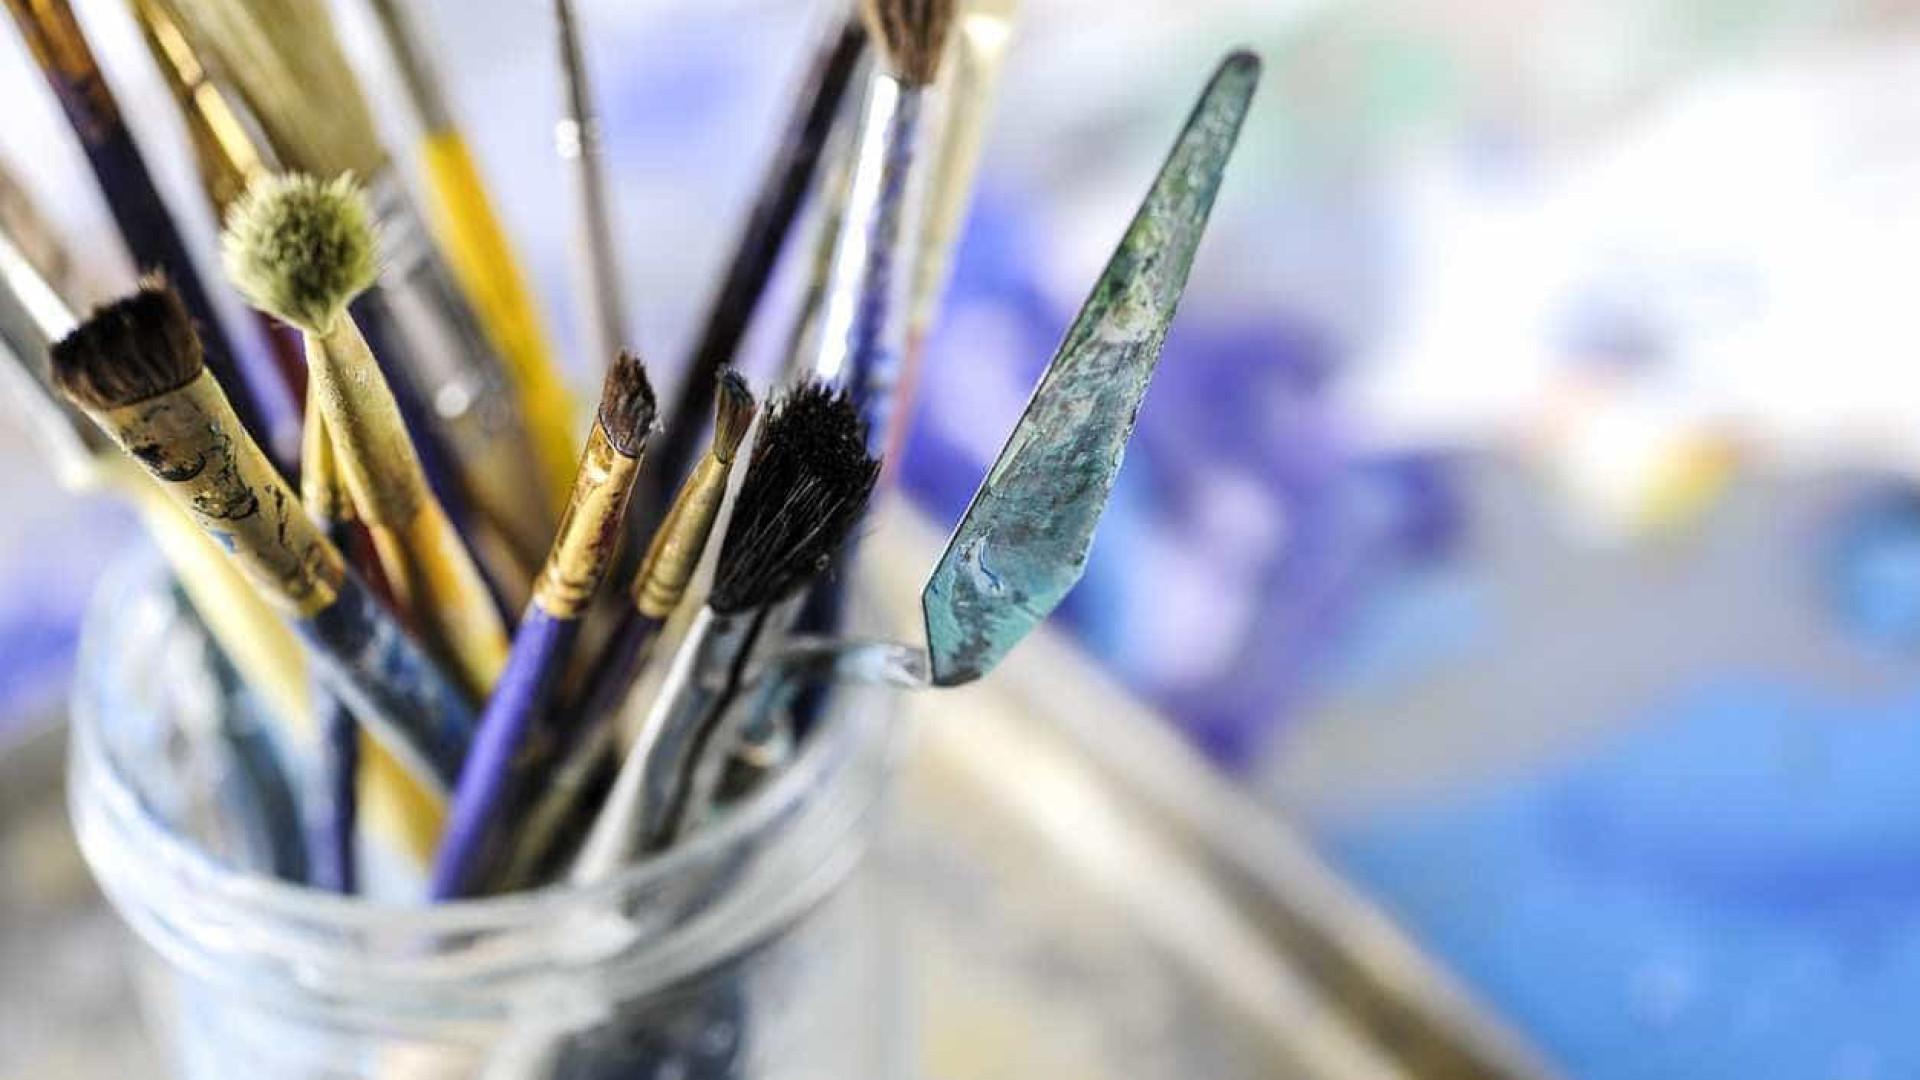 6015b8abe3d Artista plástico Mário Rodrigues morreu segunda-feira em Santarém